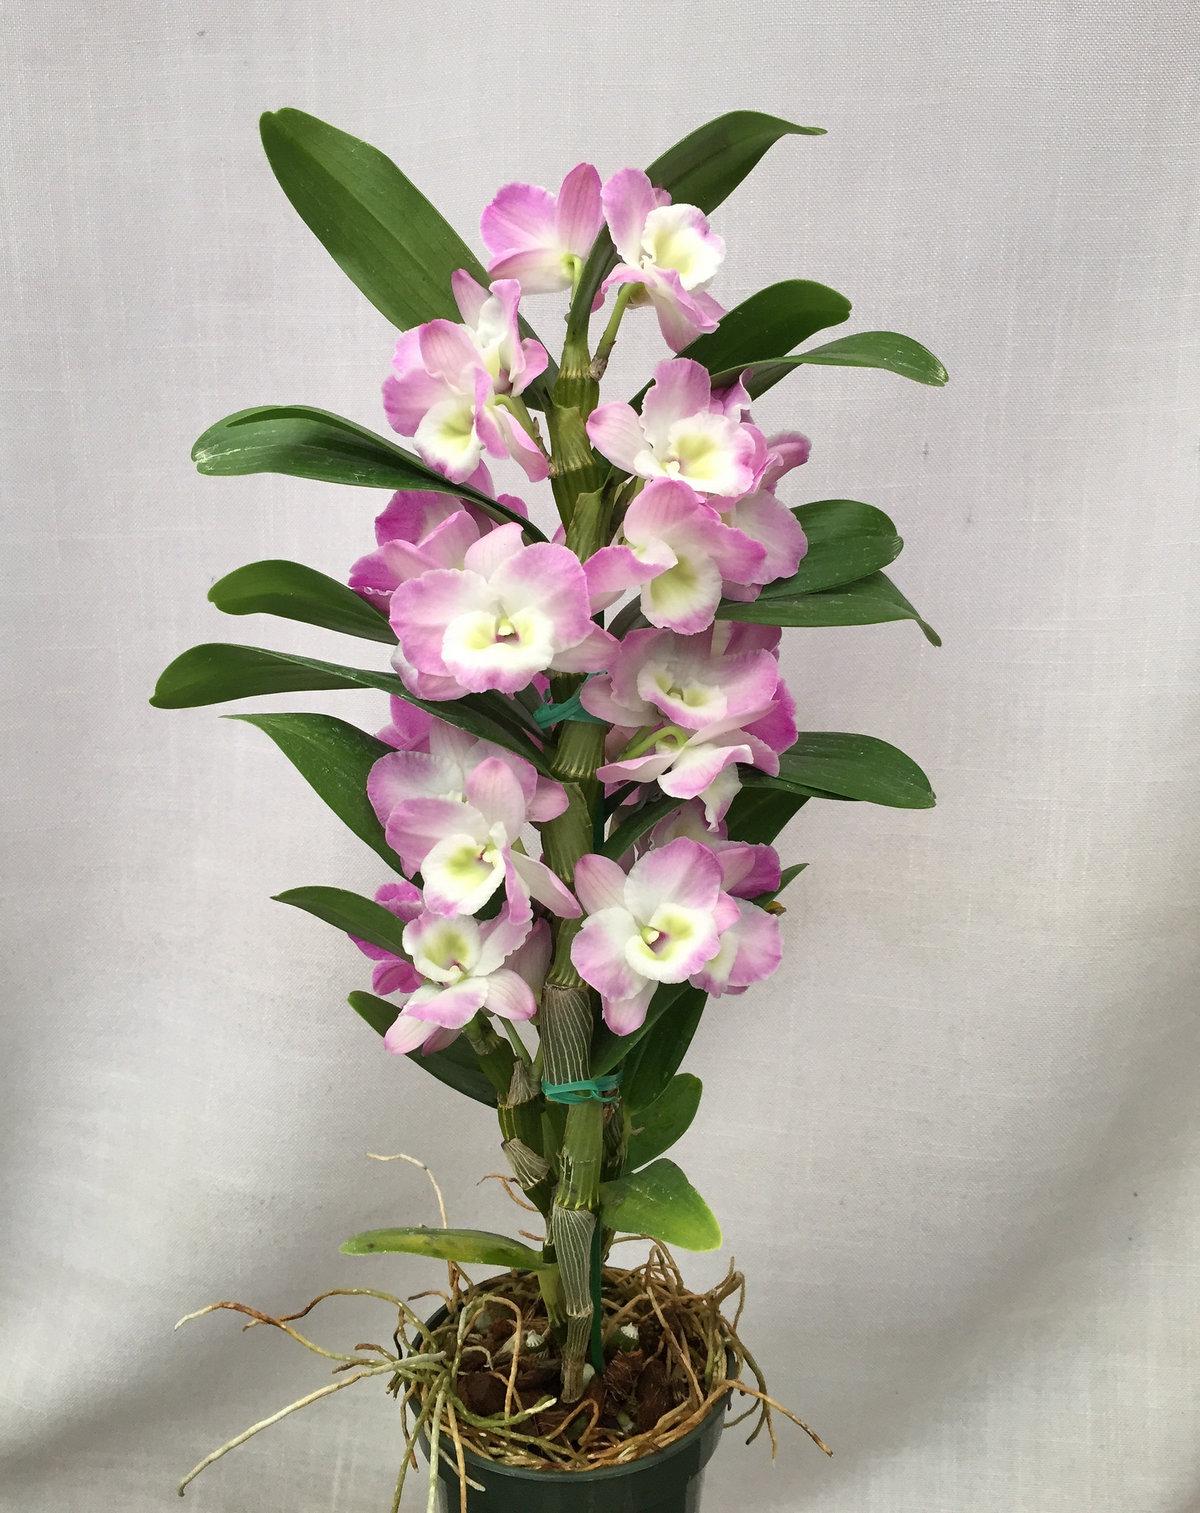 обзавестись орхидея с мелкими цветами название возникают вопросы